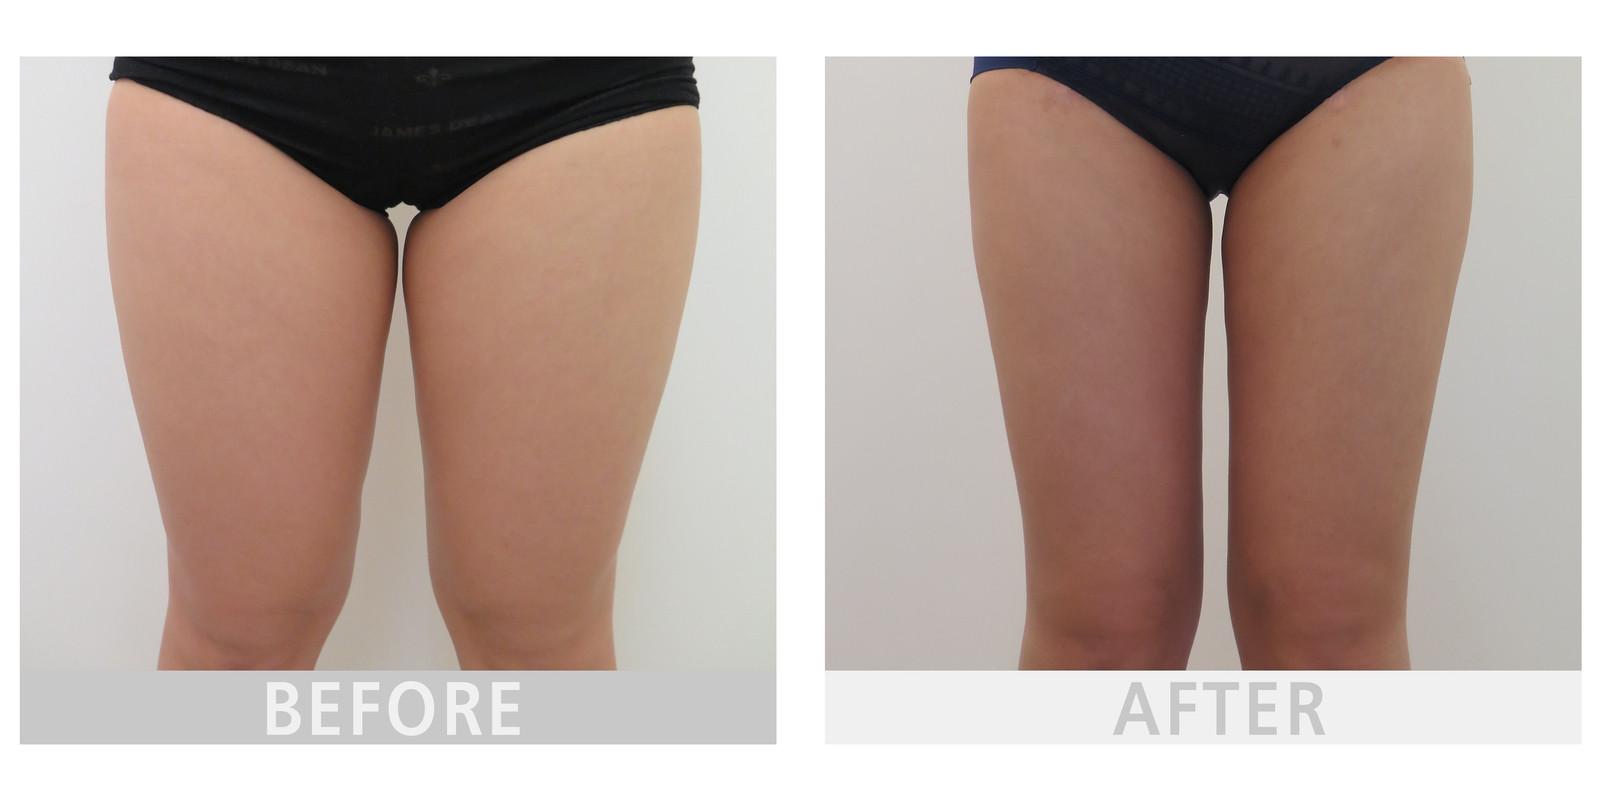 吸脂减肥瘦大腿多久恢复